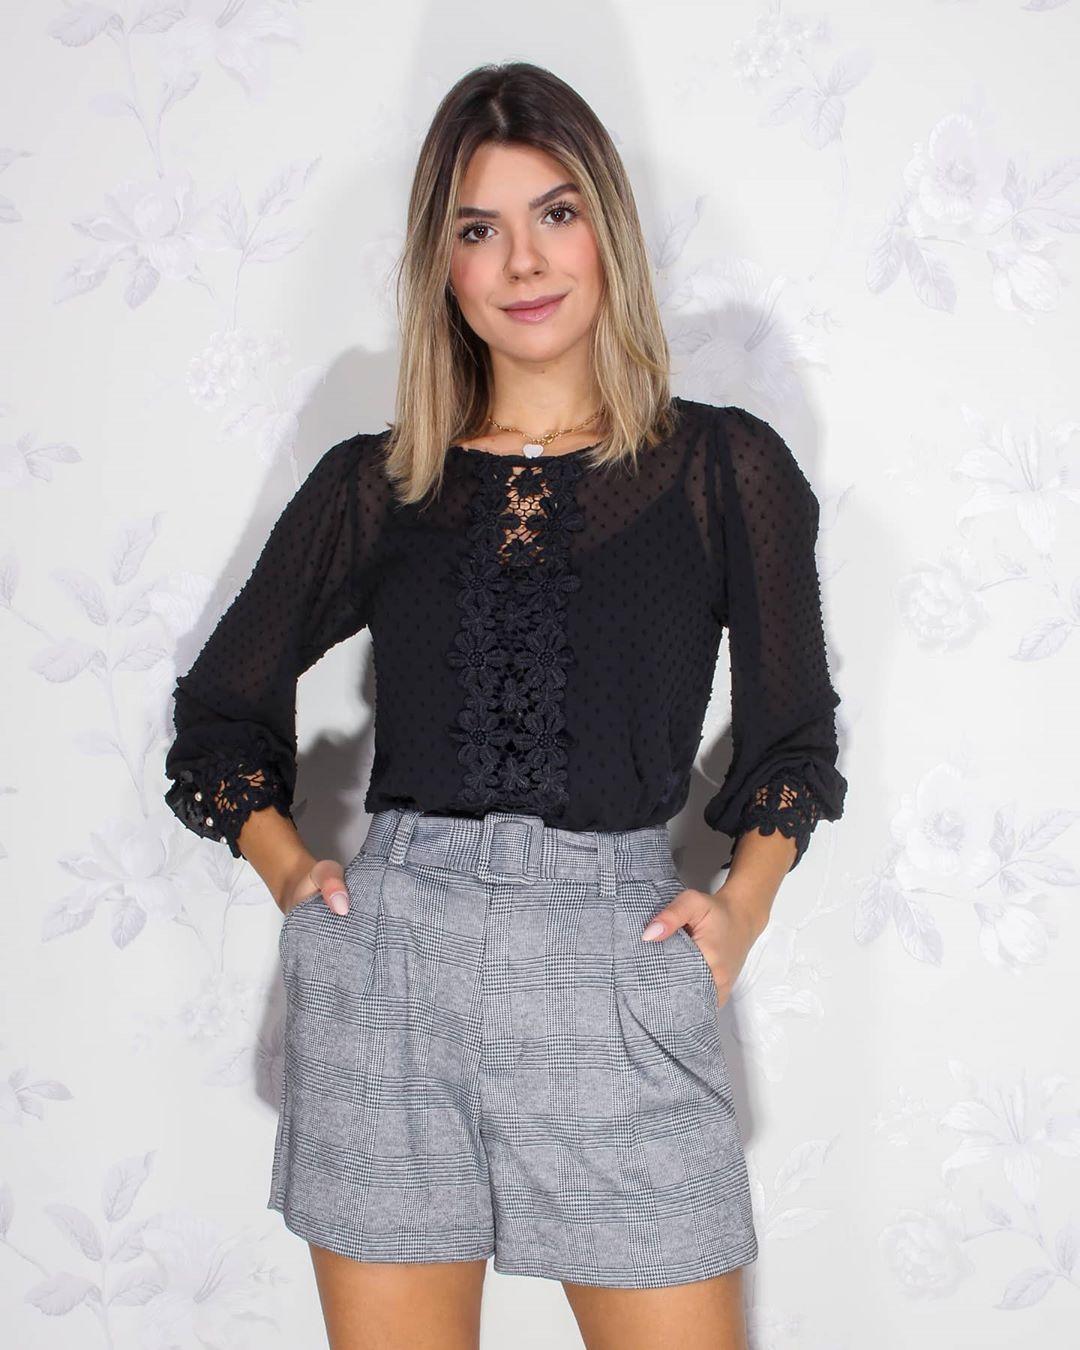 Blusa Doce Flor Manga Longa com Detalhe Renda